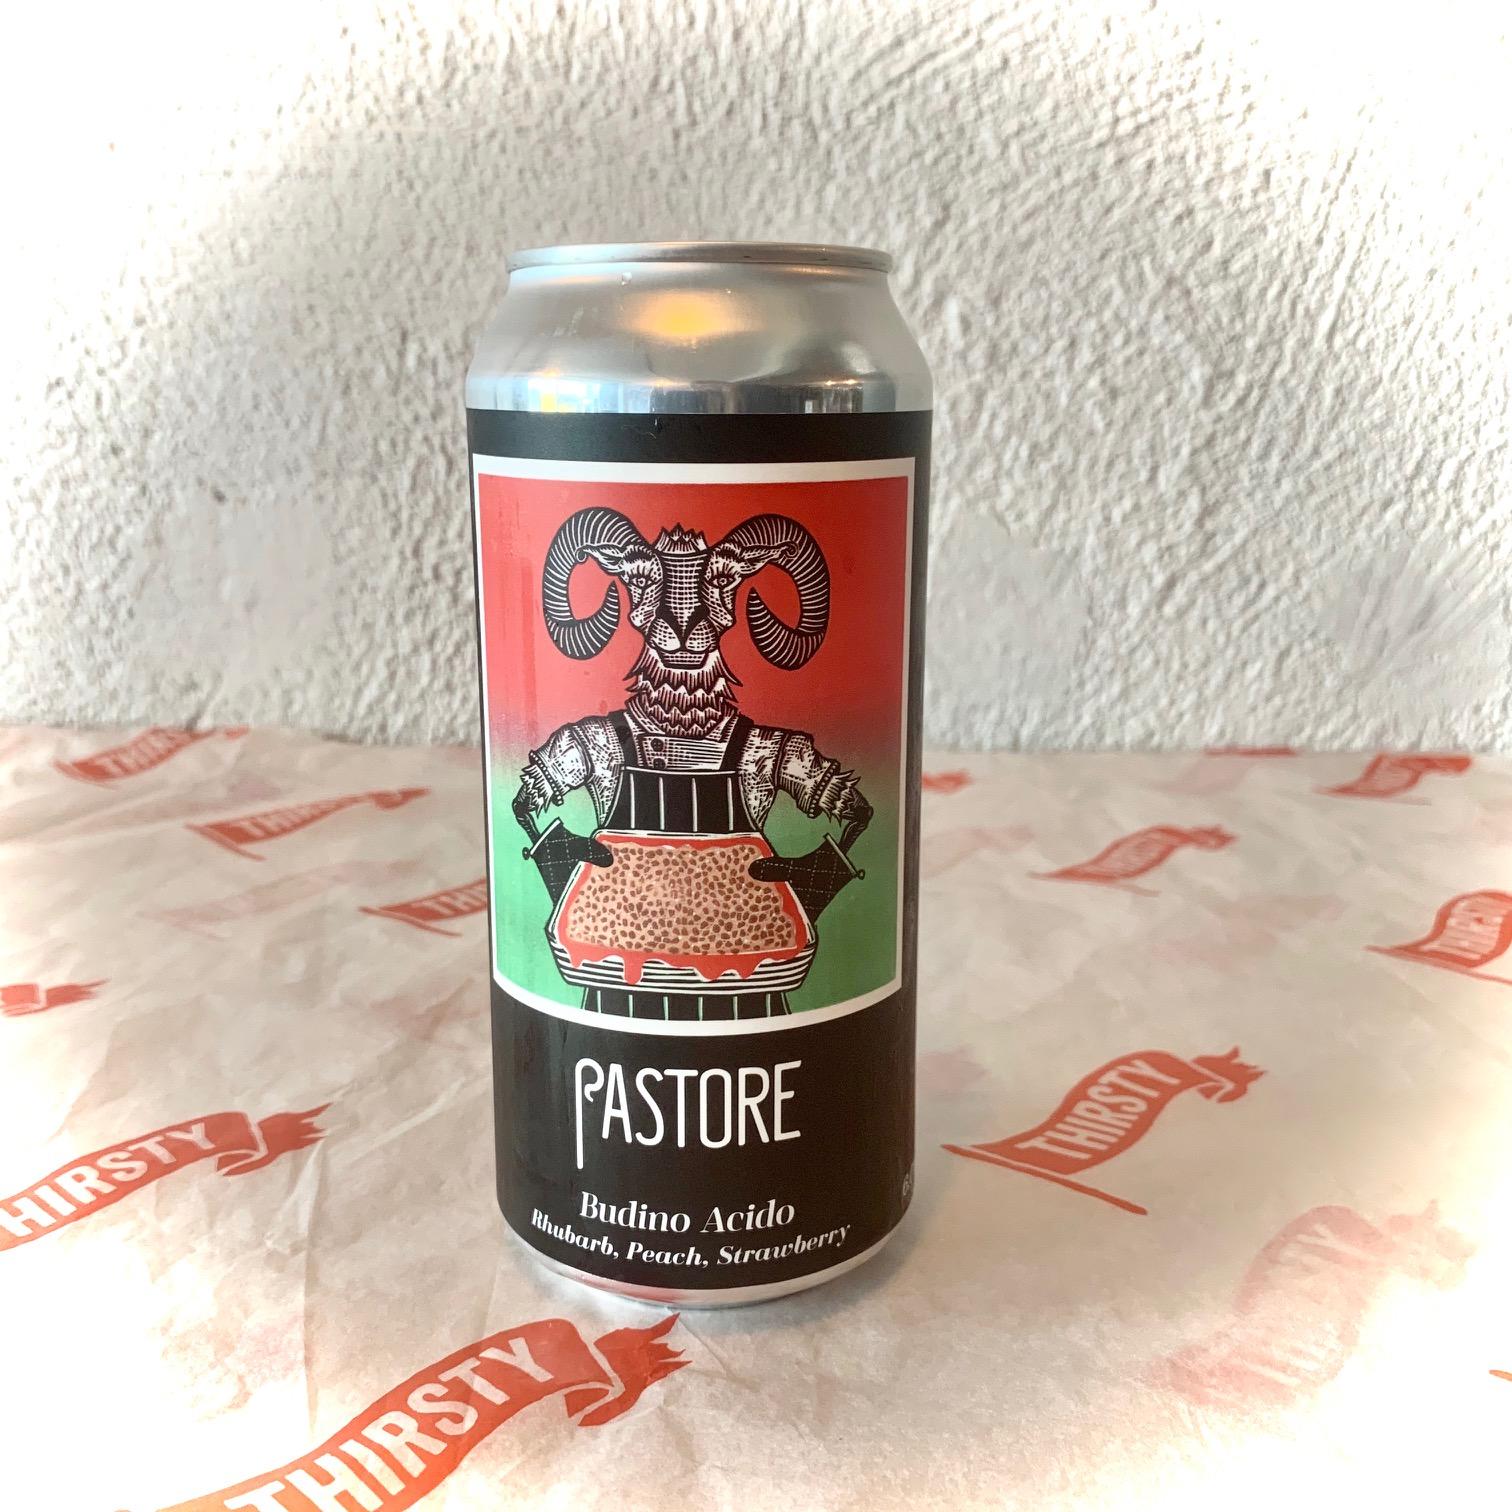 Pastore | Budino Acido | Rhubarb, Strawberry, Peach, Vanilla & Almond Waterbeach Weisse 6% 440ml